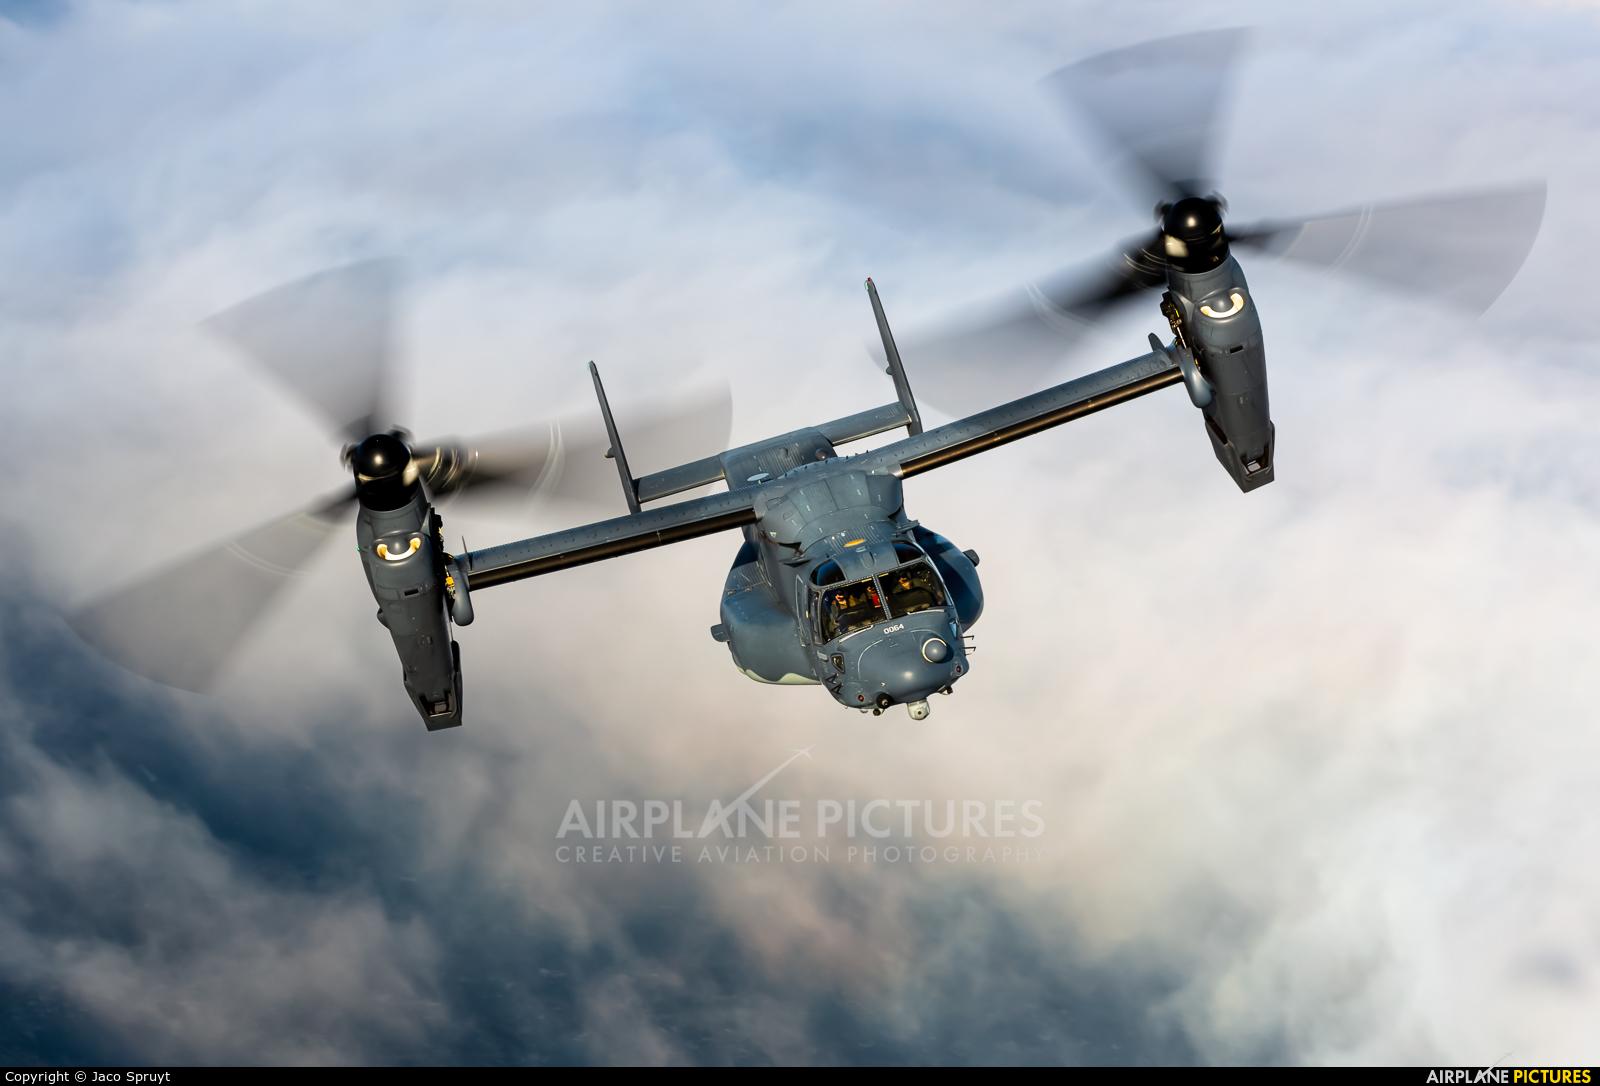 USA - Air Force 12-0064 aircraft at In Flight - Belgium